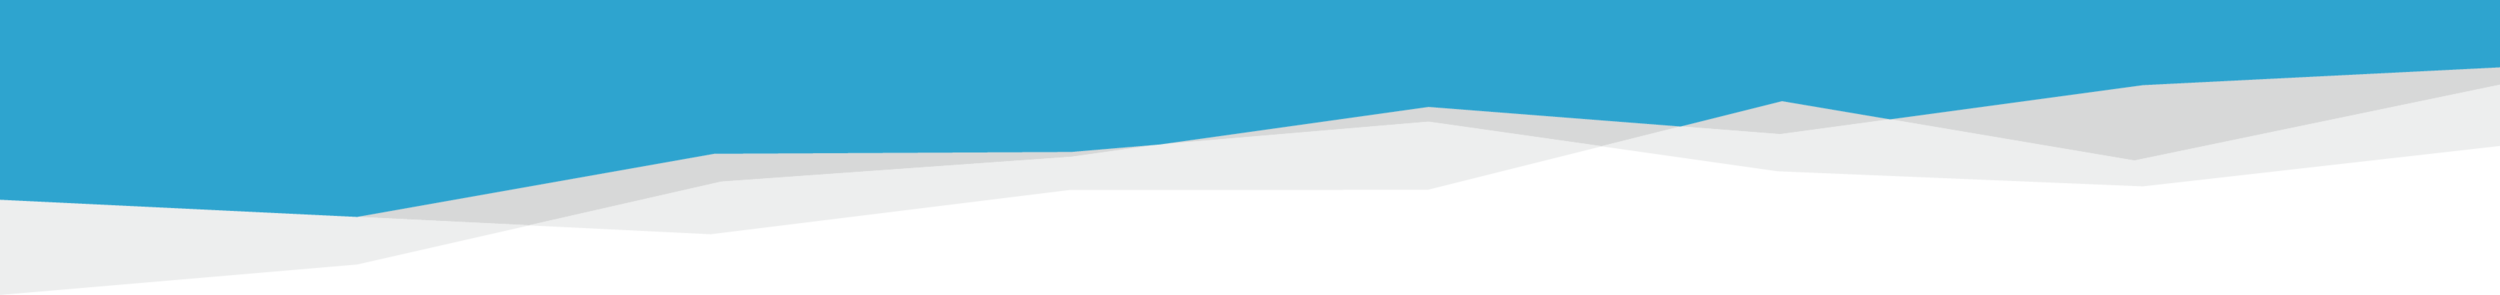 blue-transparent-header-1.png